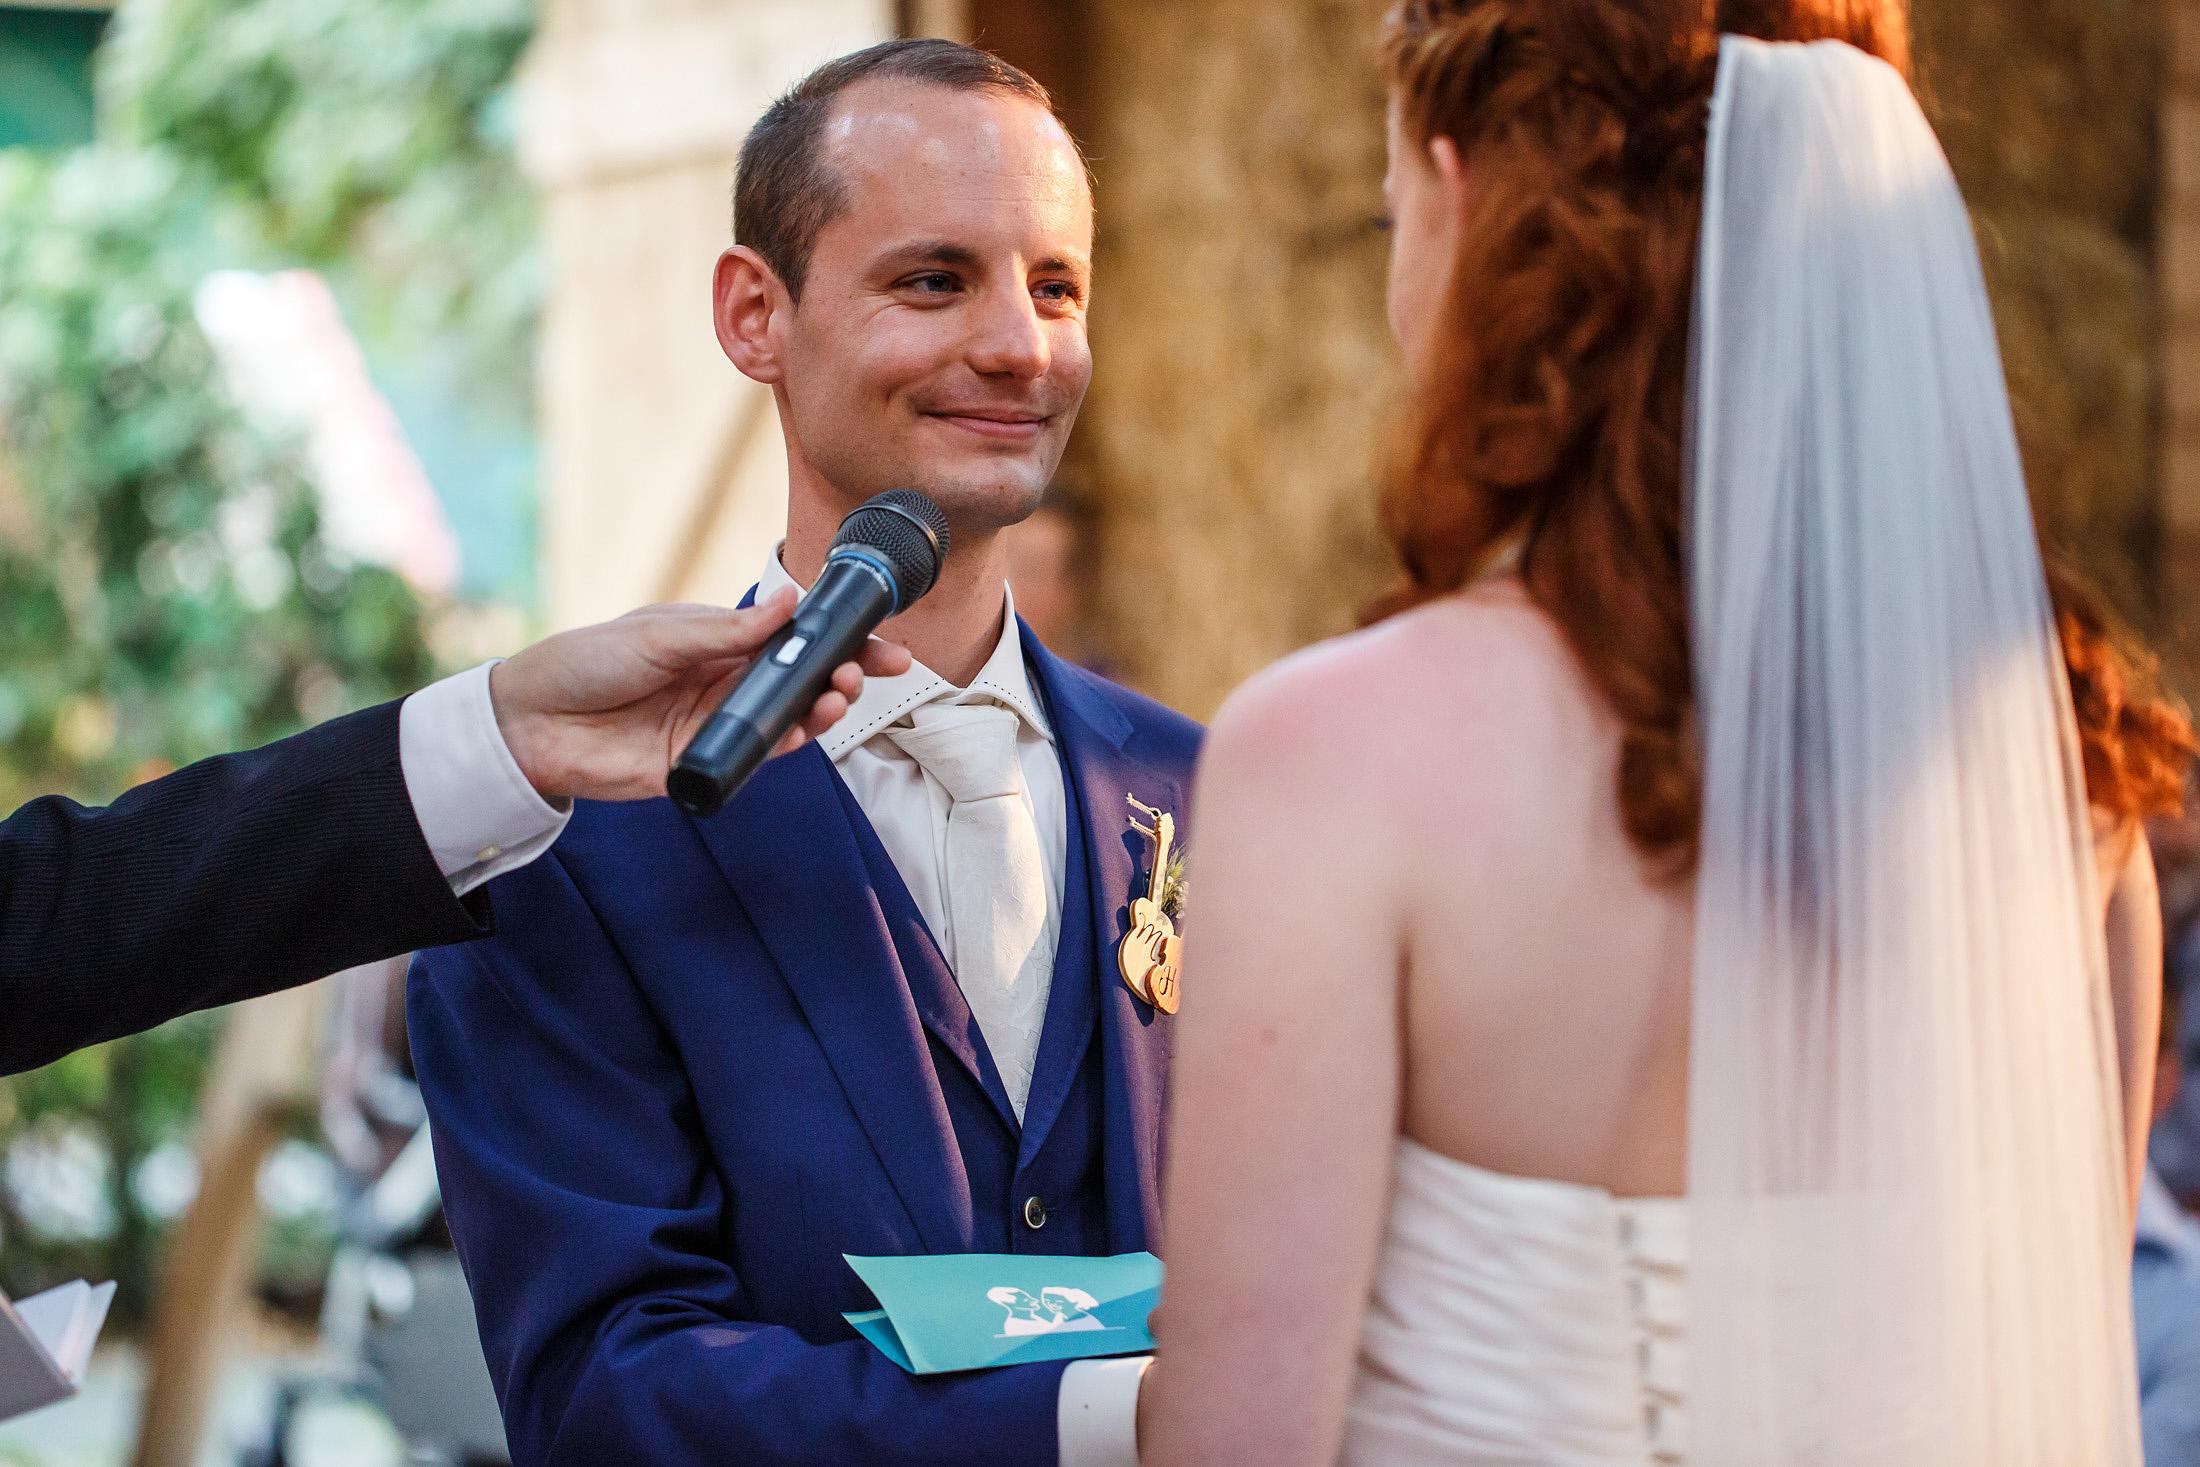 beloften bruiloft